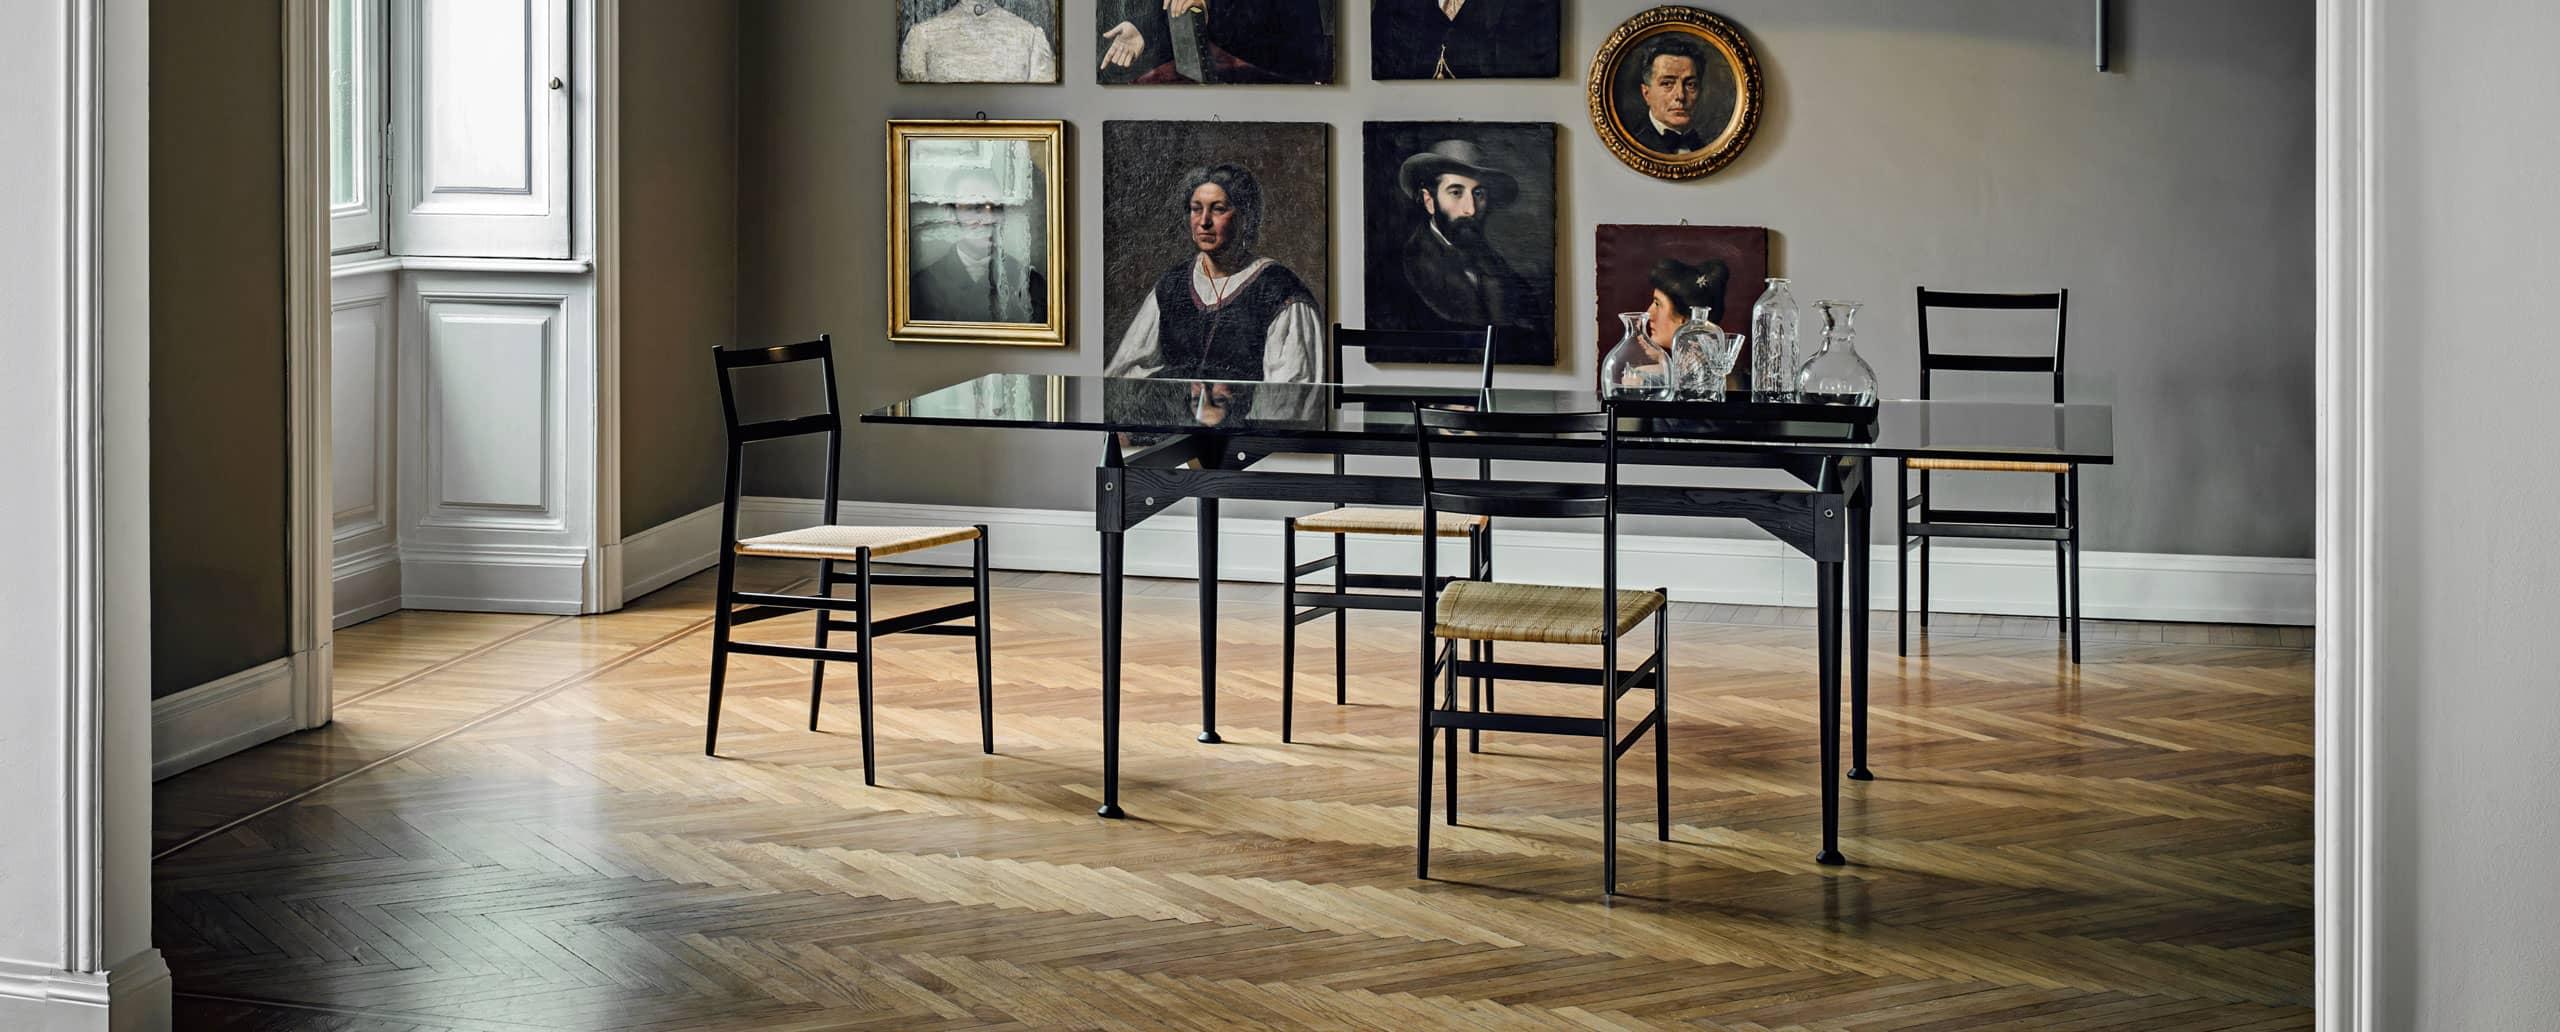 4 Cassina Superleggera Stühle von Gio Ponti in Schwarz an einem Glastisch mit schwarzem Gestell vor einer Portraitbilderwand